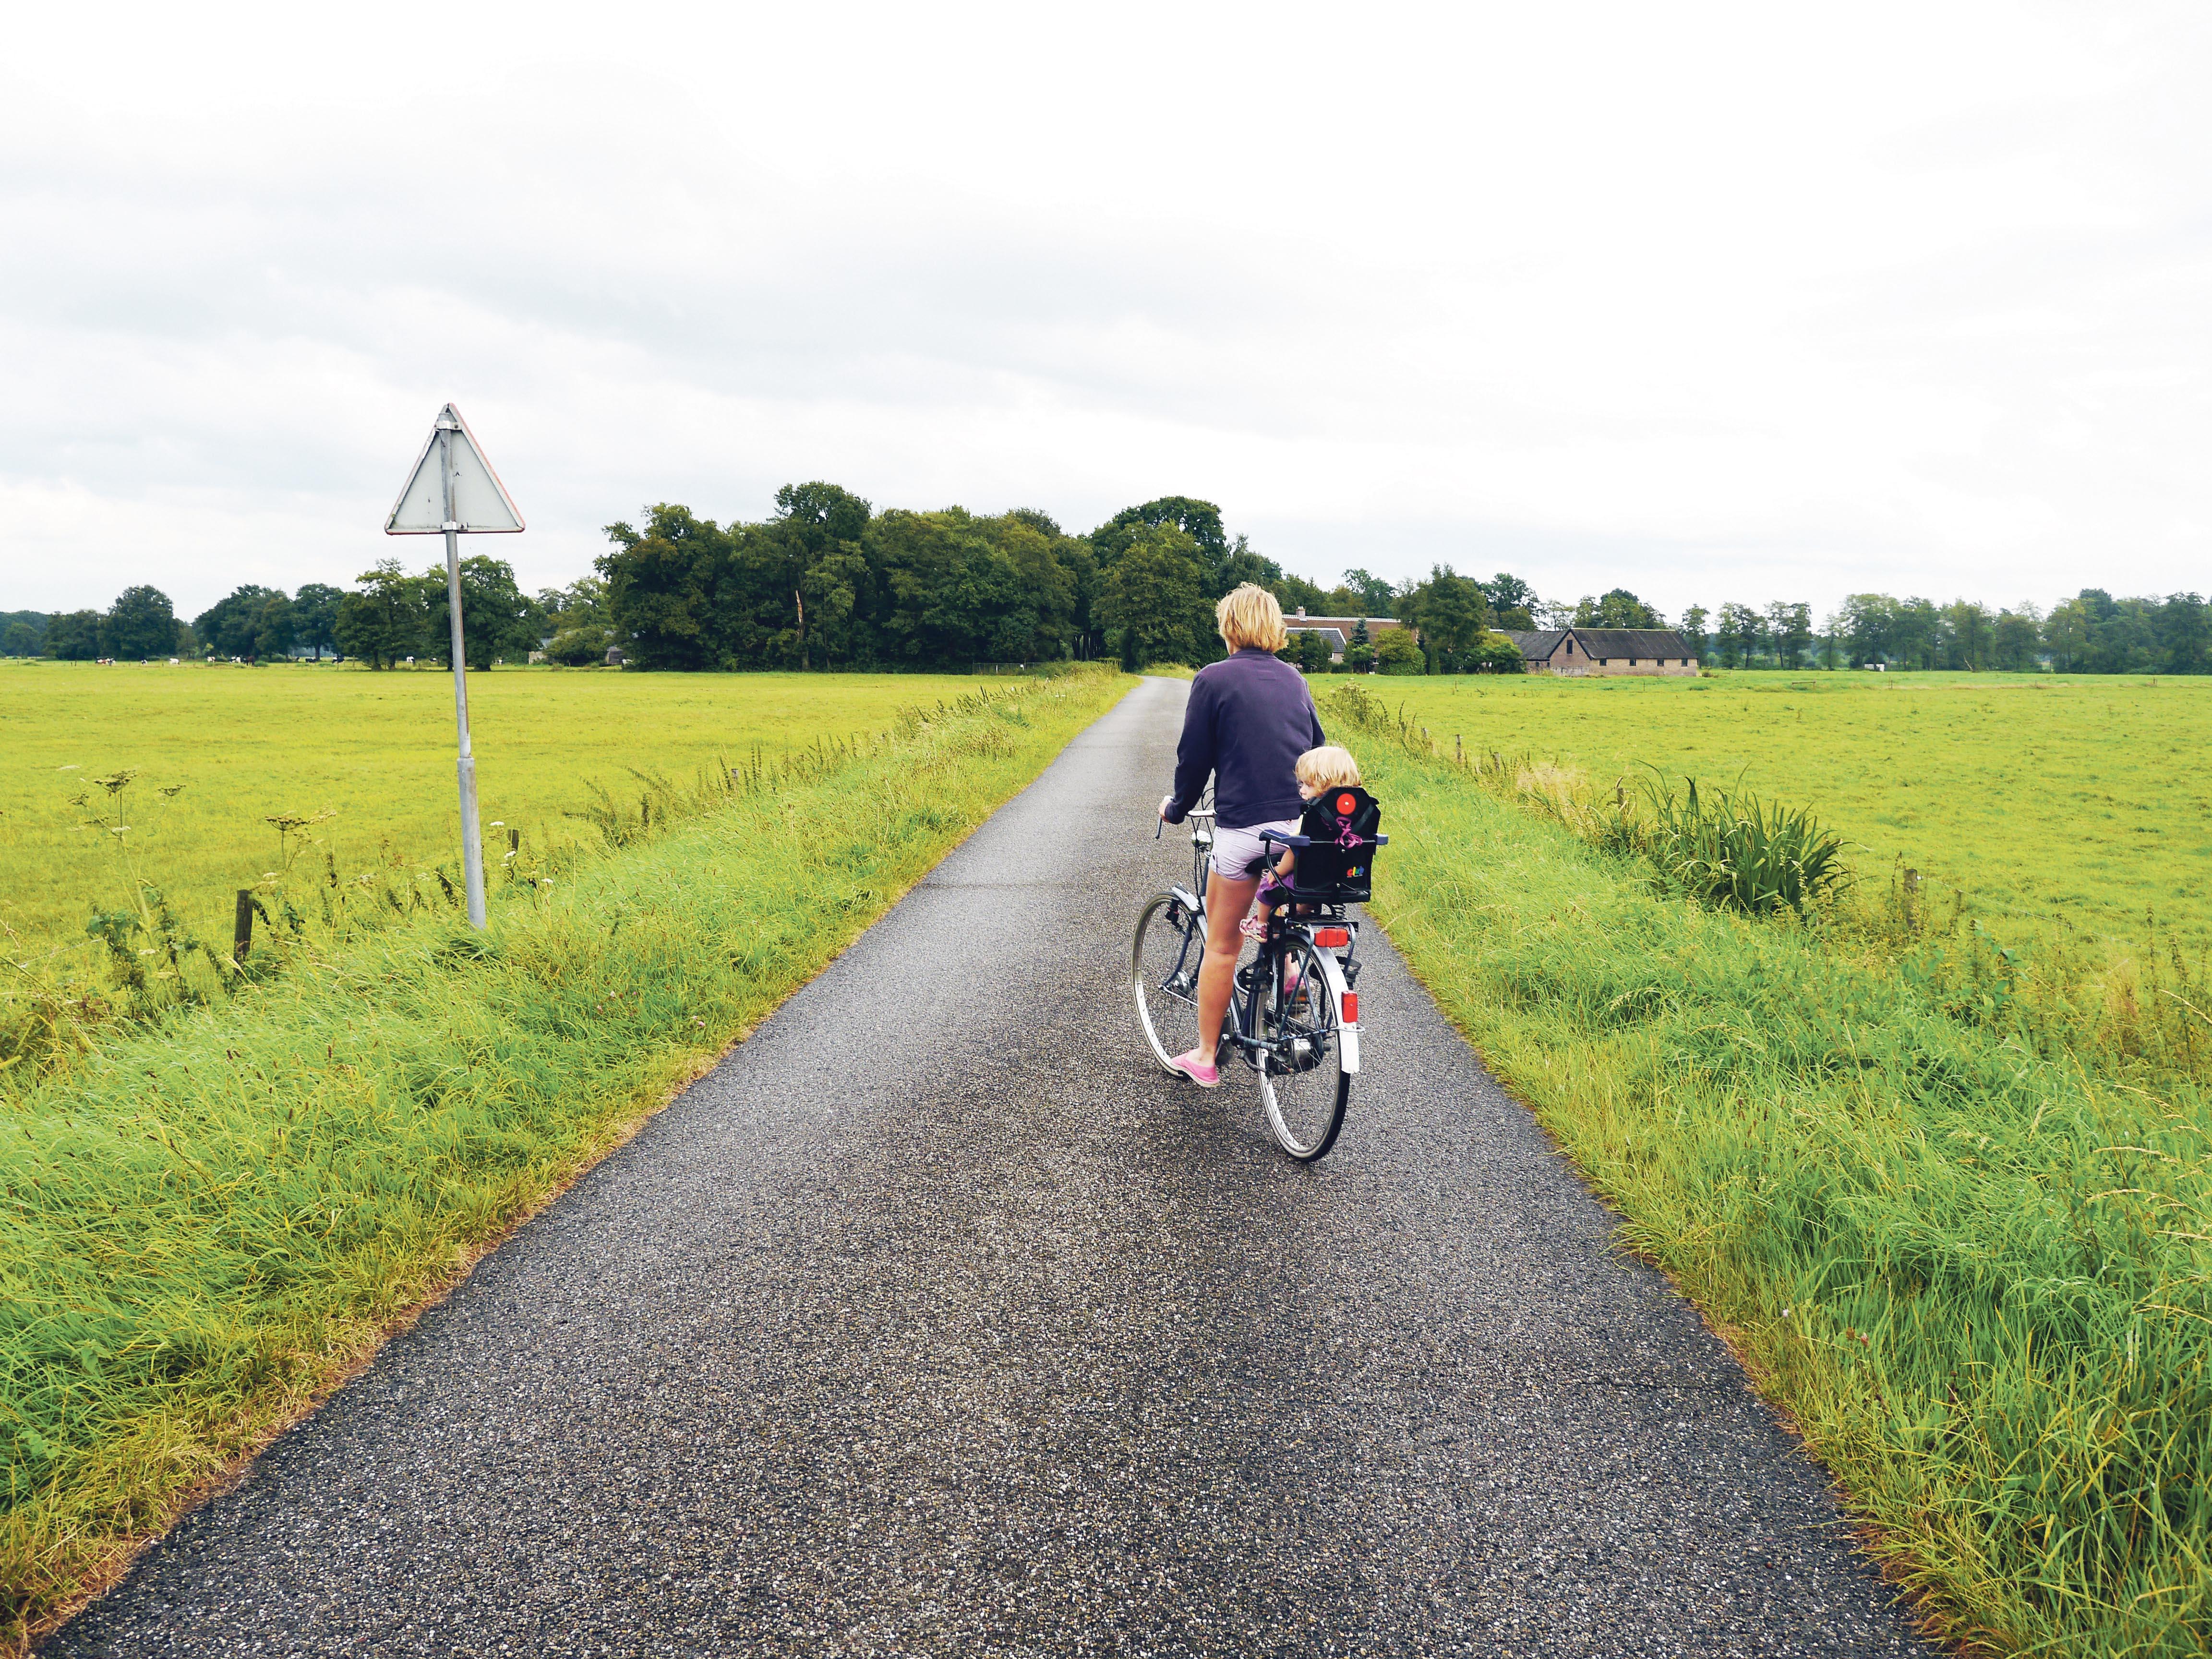 FREDFULLT: Fredfulle Landeveier Og Skogsstier Er Det Mange Av I Nederland – En Gave Til Syklister.